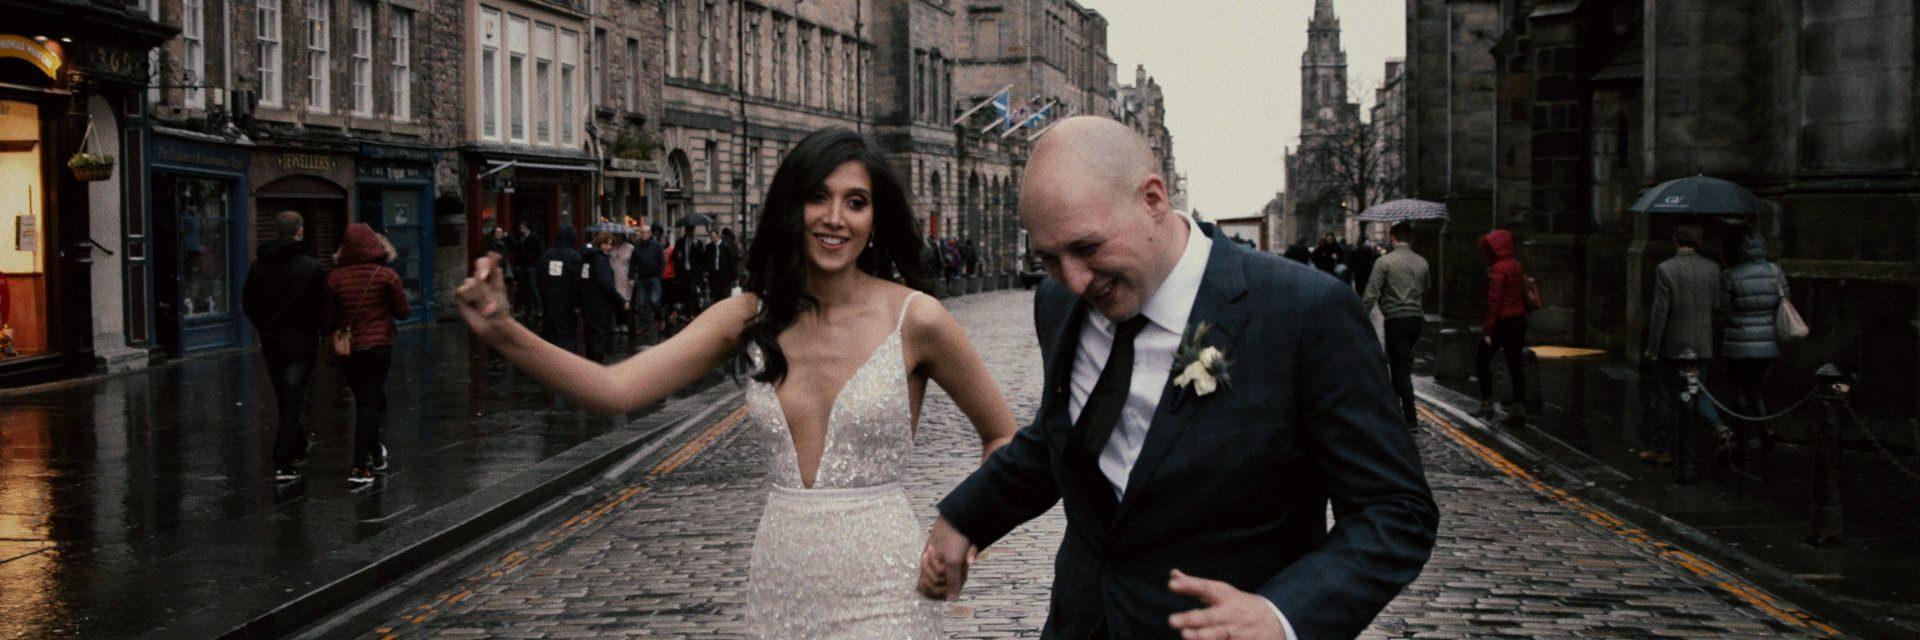 Stockholm-wedding-videographer-cinemate-films-04